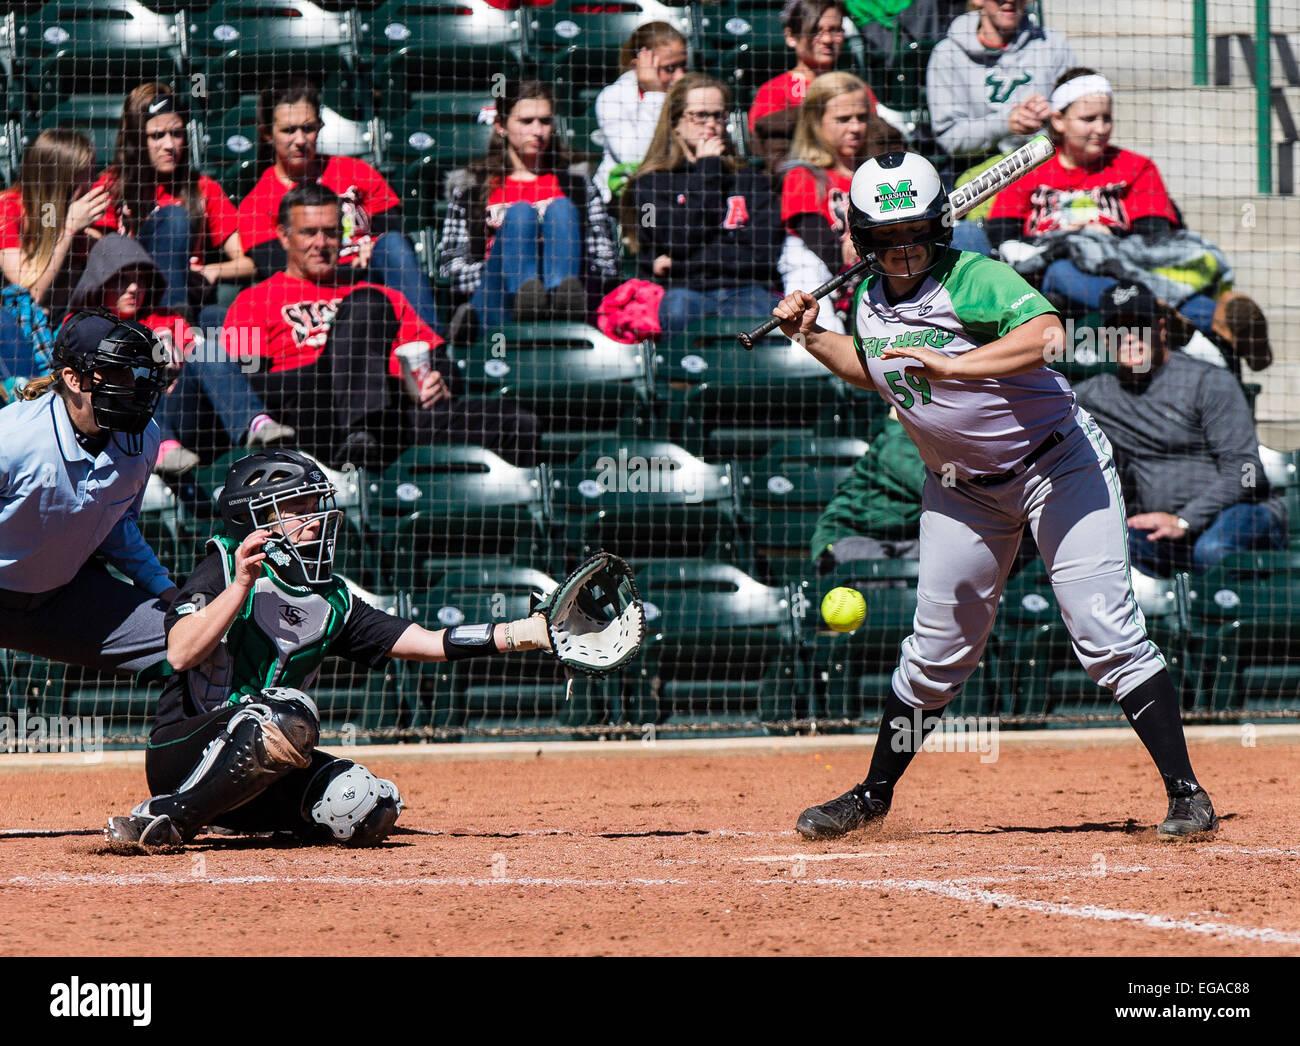 Tampa FL, USA  20th Feb, 2015  Marshall shortstop Raquel